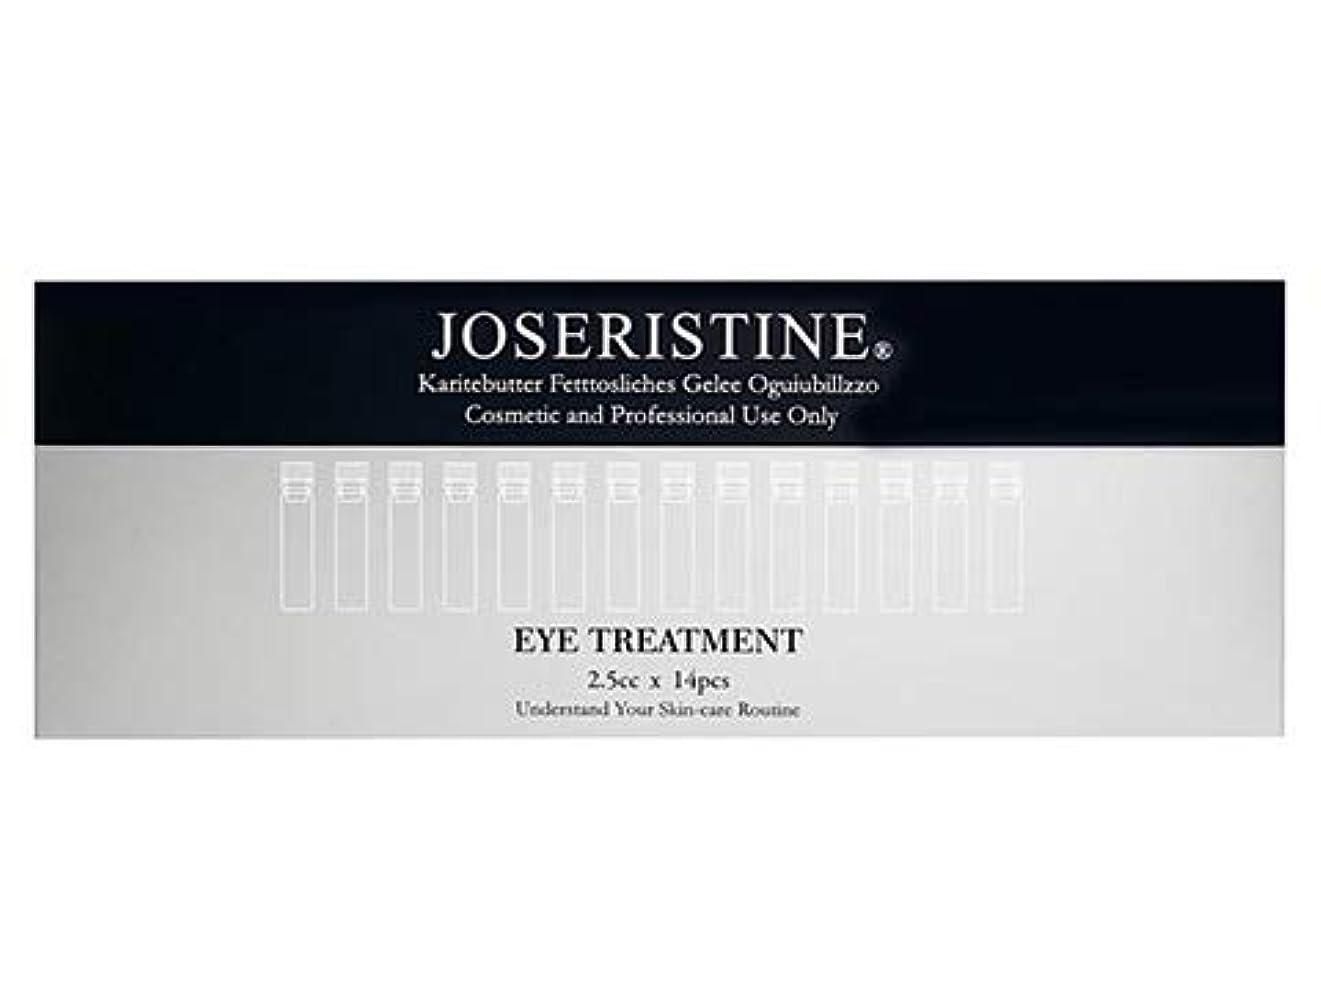 蓮同級生住人[Joseristine] アイ トリートメント Joseristine Eye Treatment (14pcs)